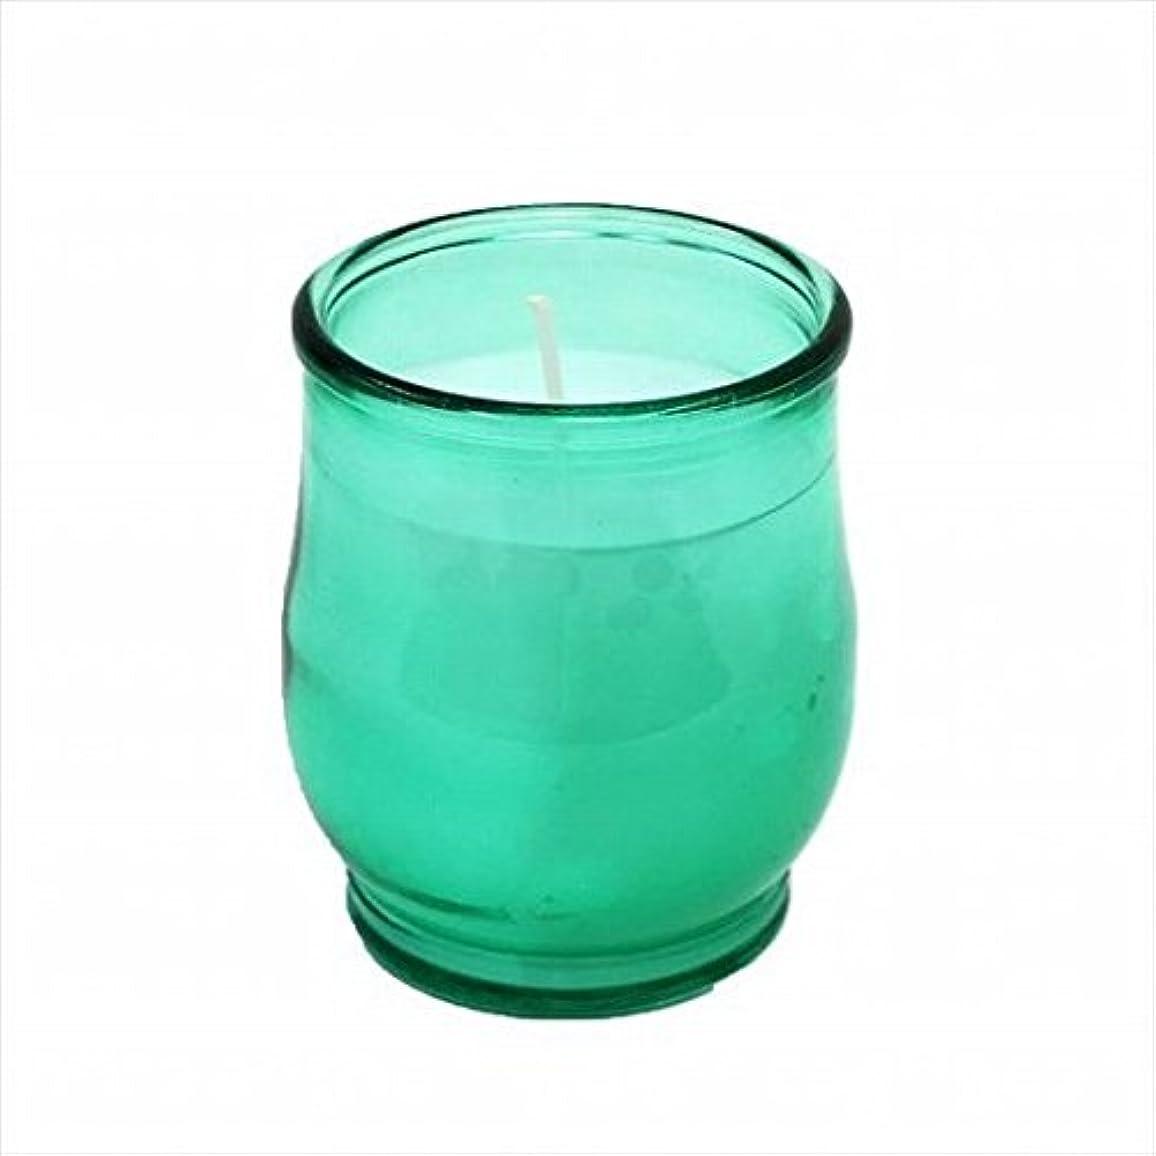 小売アサー疫病kameyama candle(カメヤマキャンドル) ポシェ(非常用コップローソク) 「 グリーン(ライトカラー) 」 キャンドル 68x68x80mm (73020030G)